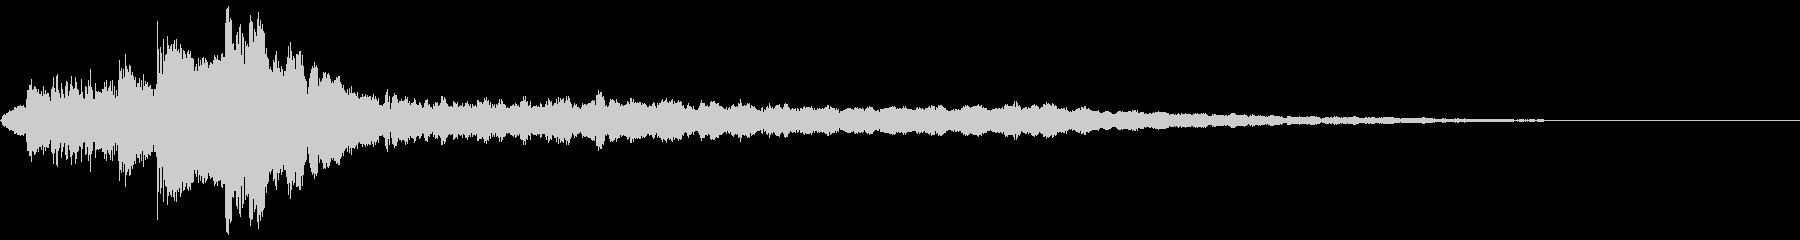 ローファイ・ドキュメンタル風ピアノfの未再生の波形